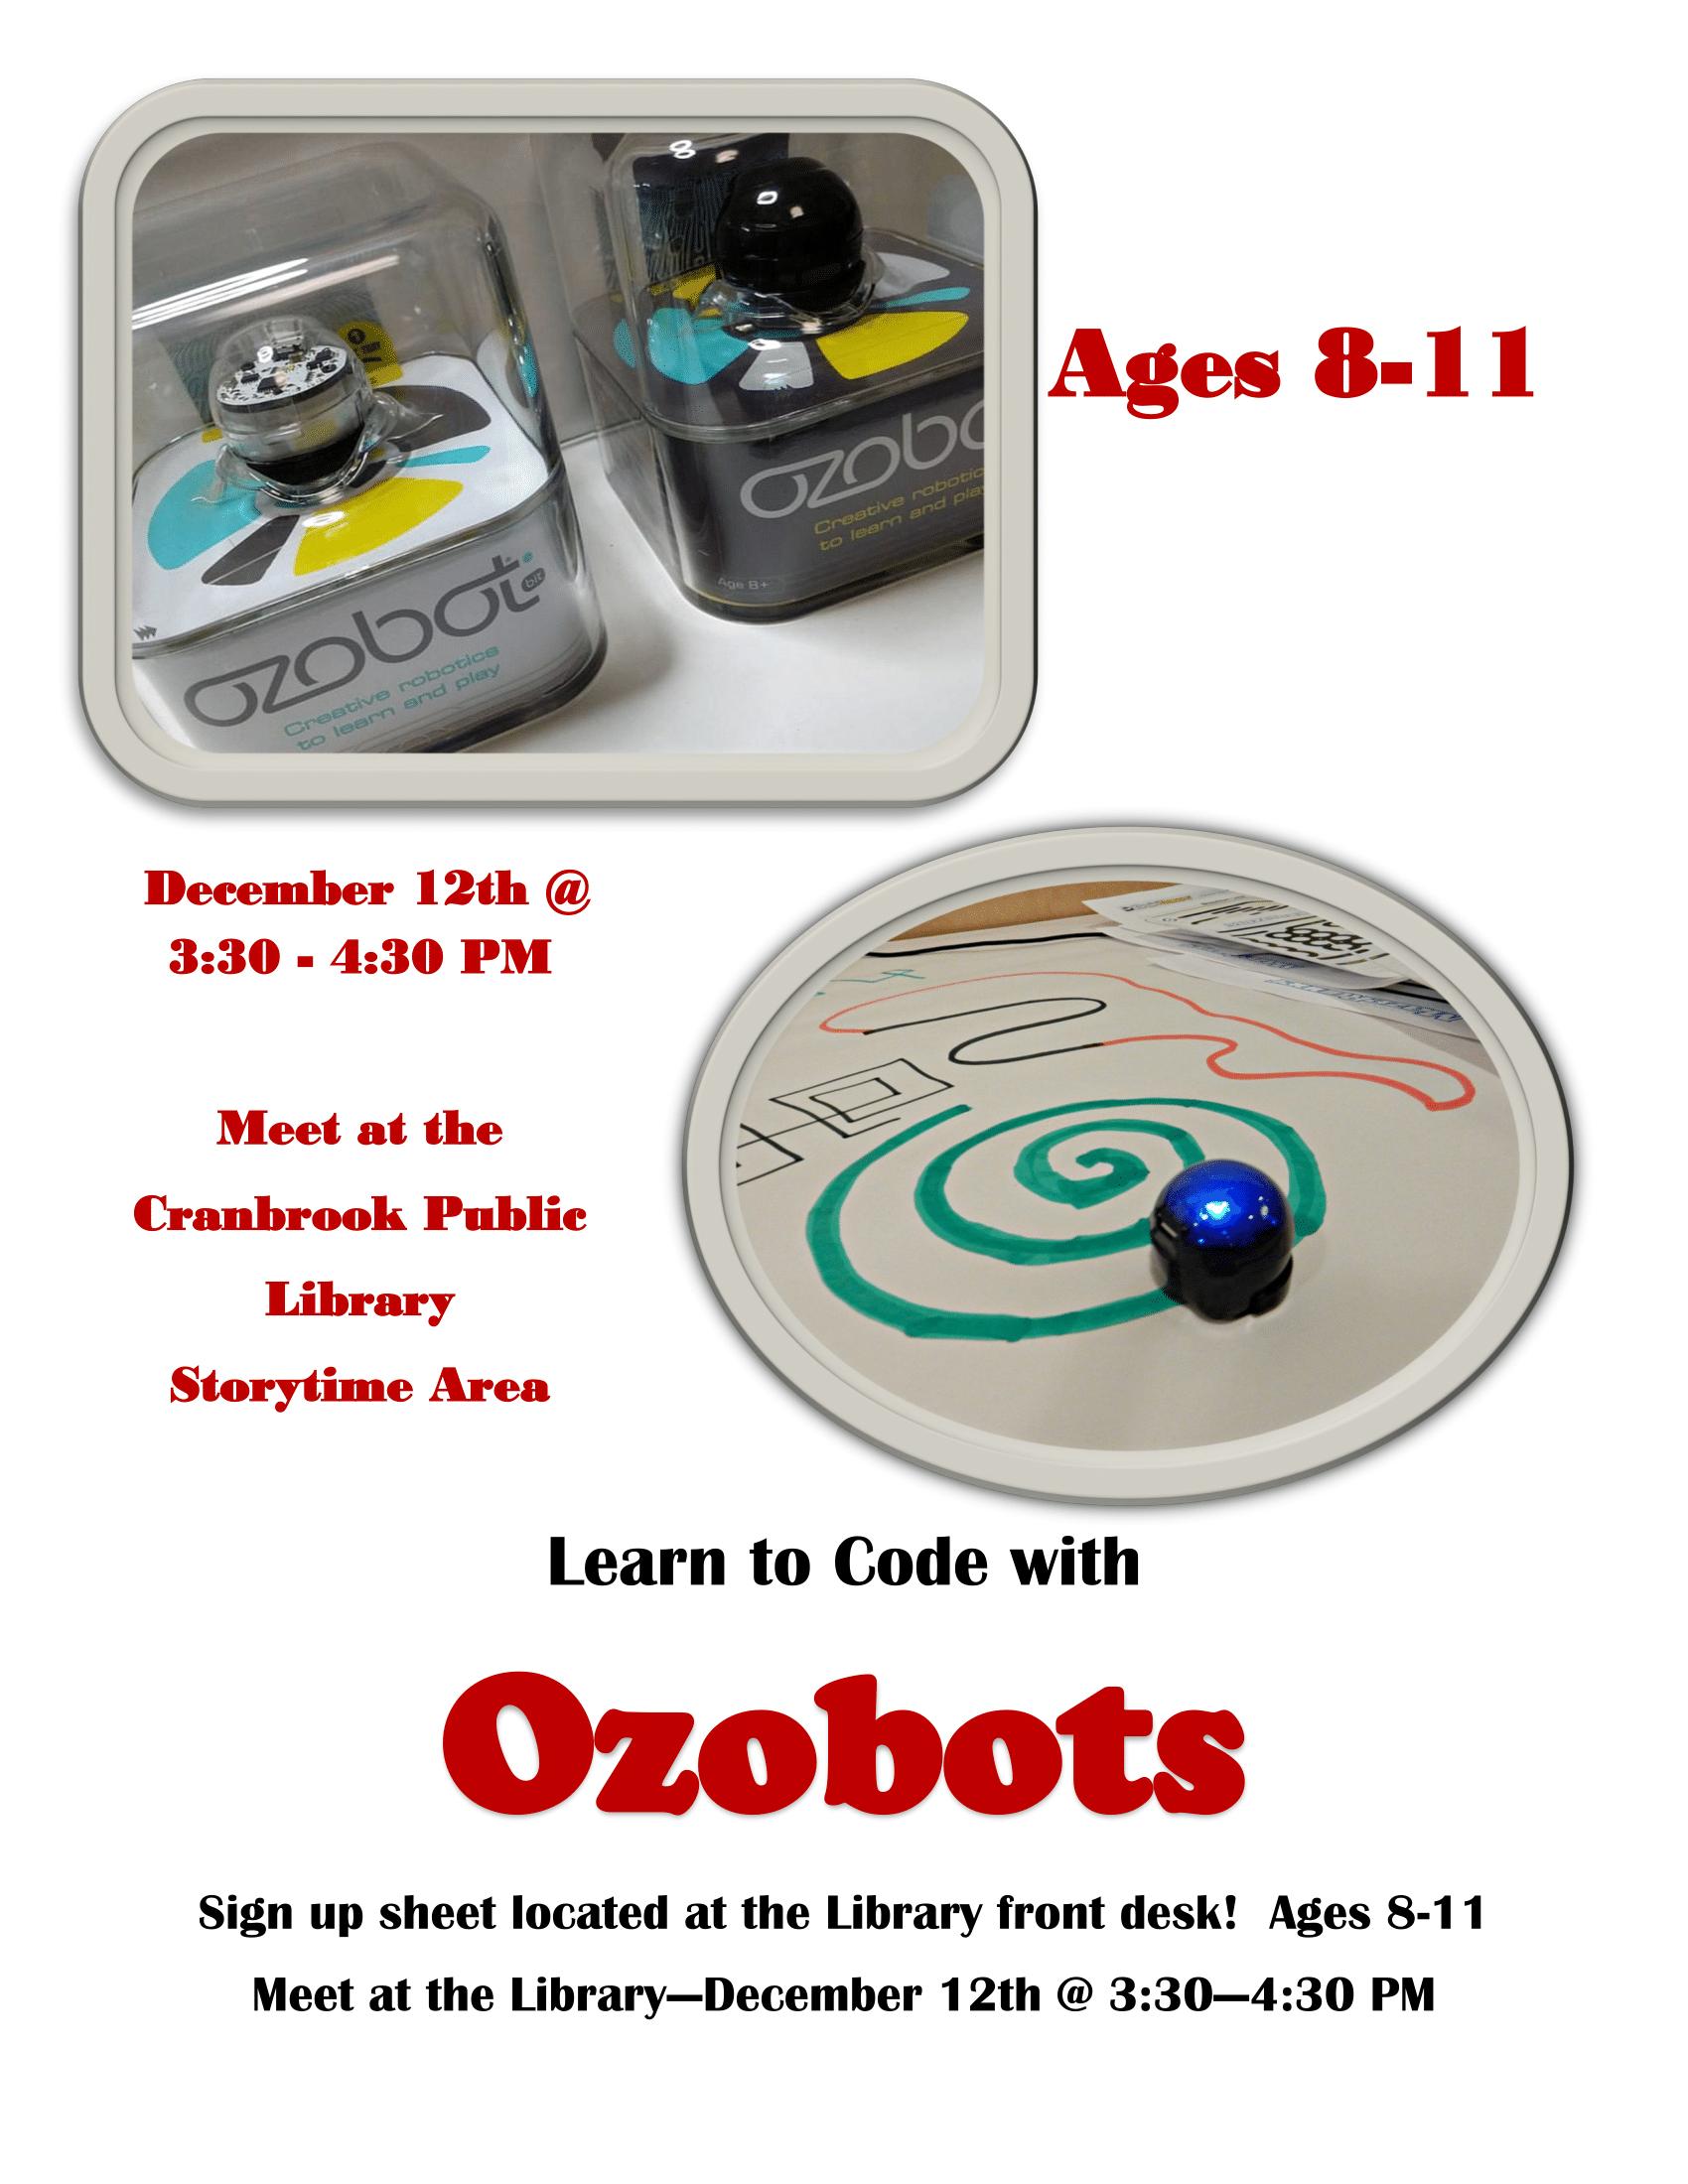 Ozobots-1